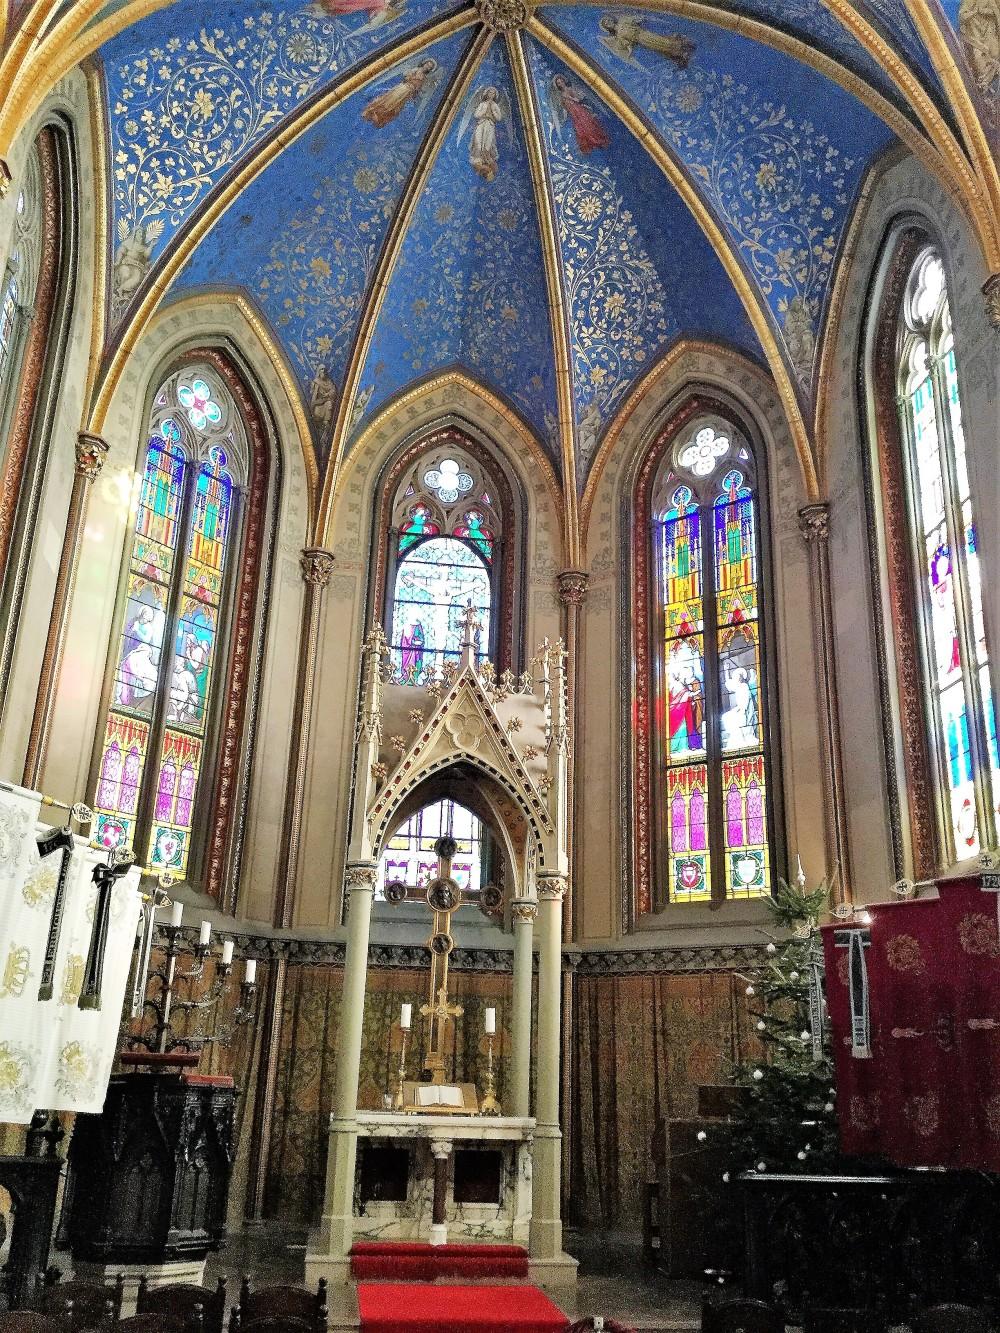 Castillo-de-Hohenzollern-donviajon-arte-gotico-medieval-turismo-cultural-baden-wurttemberg-alemania